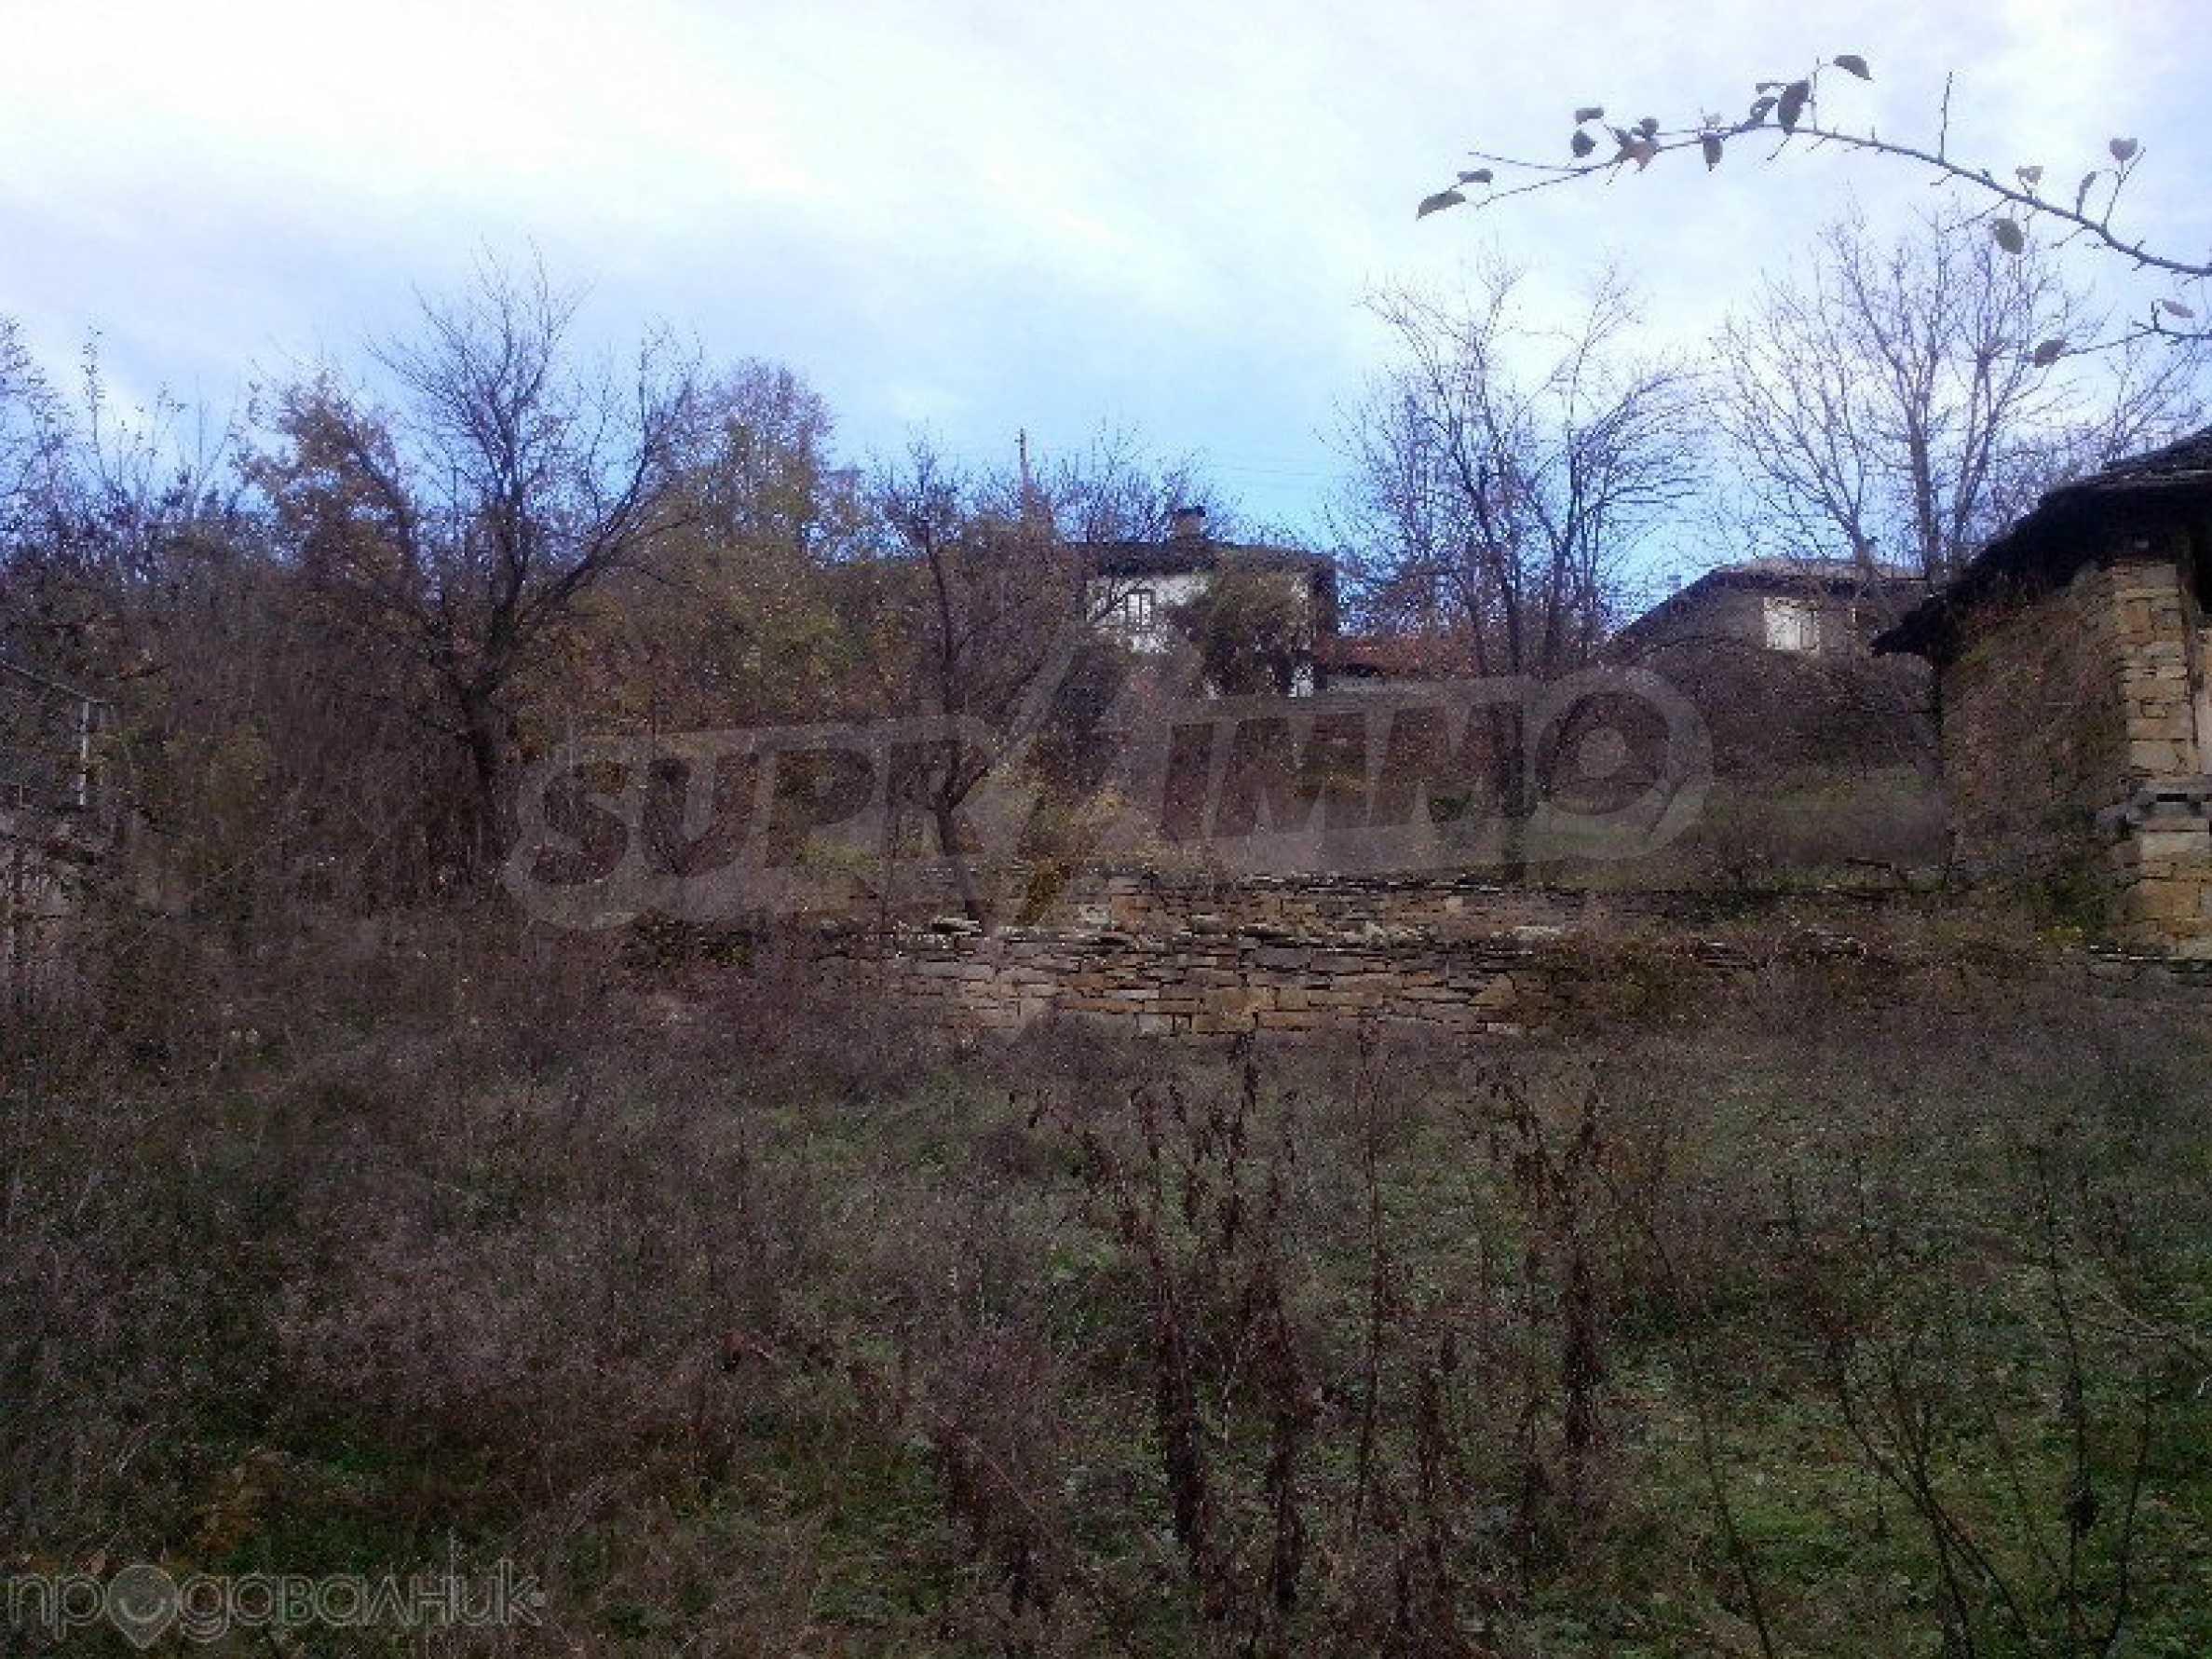 Tolles Grundstück auf dem trojanischen Balkan, 9 km von der Stadt entfernt 4